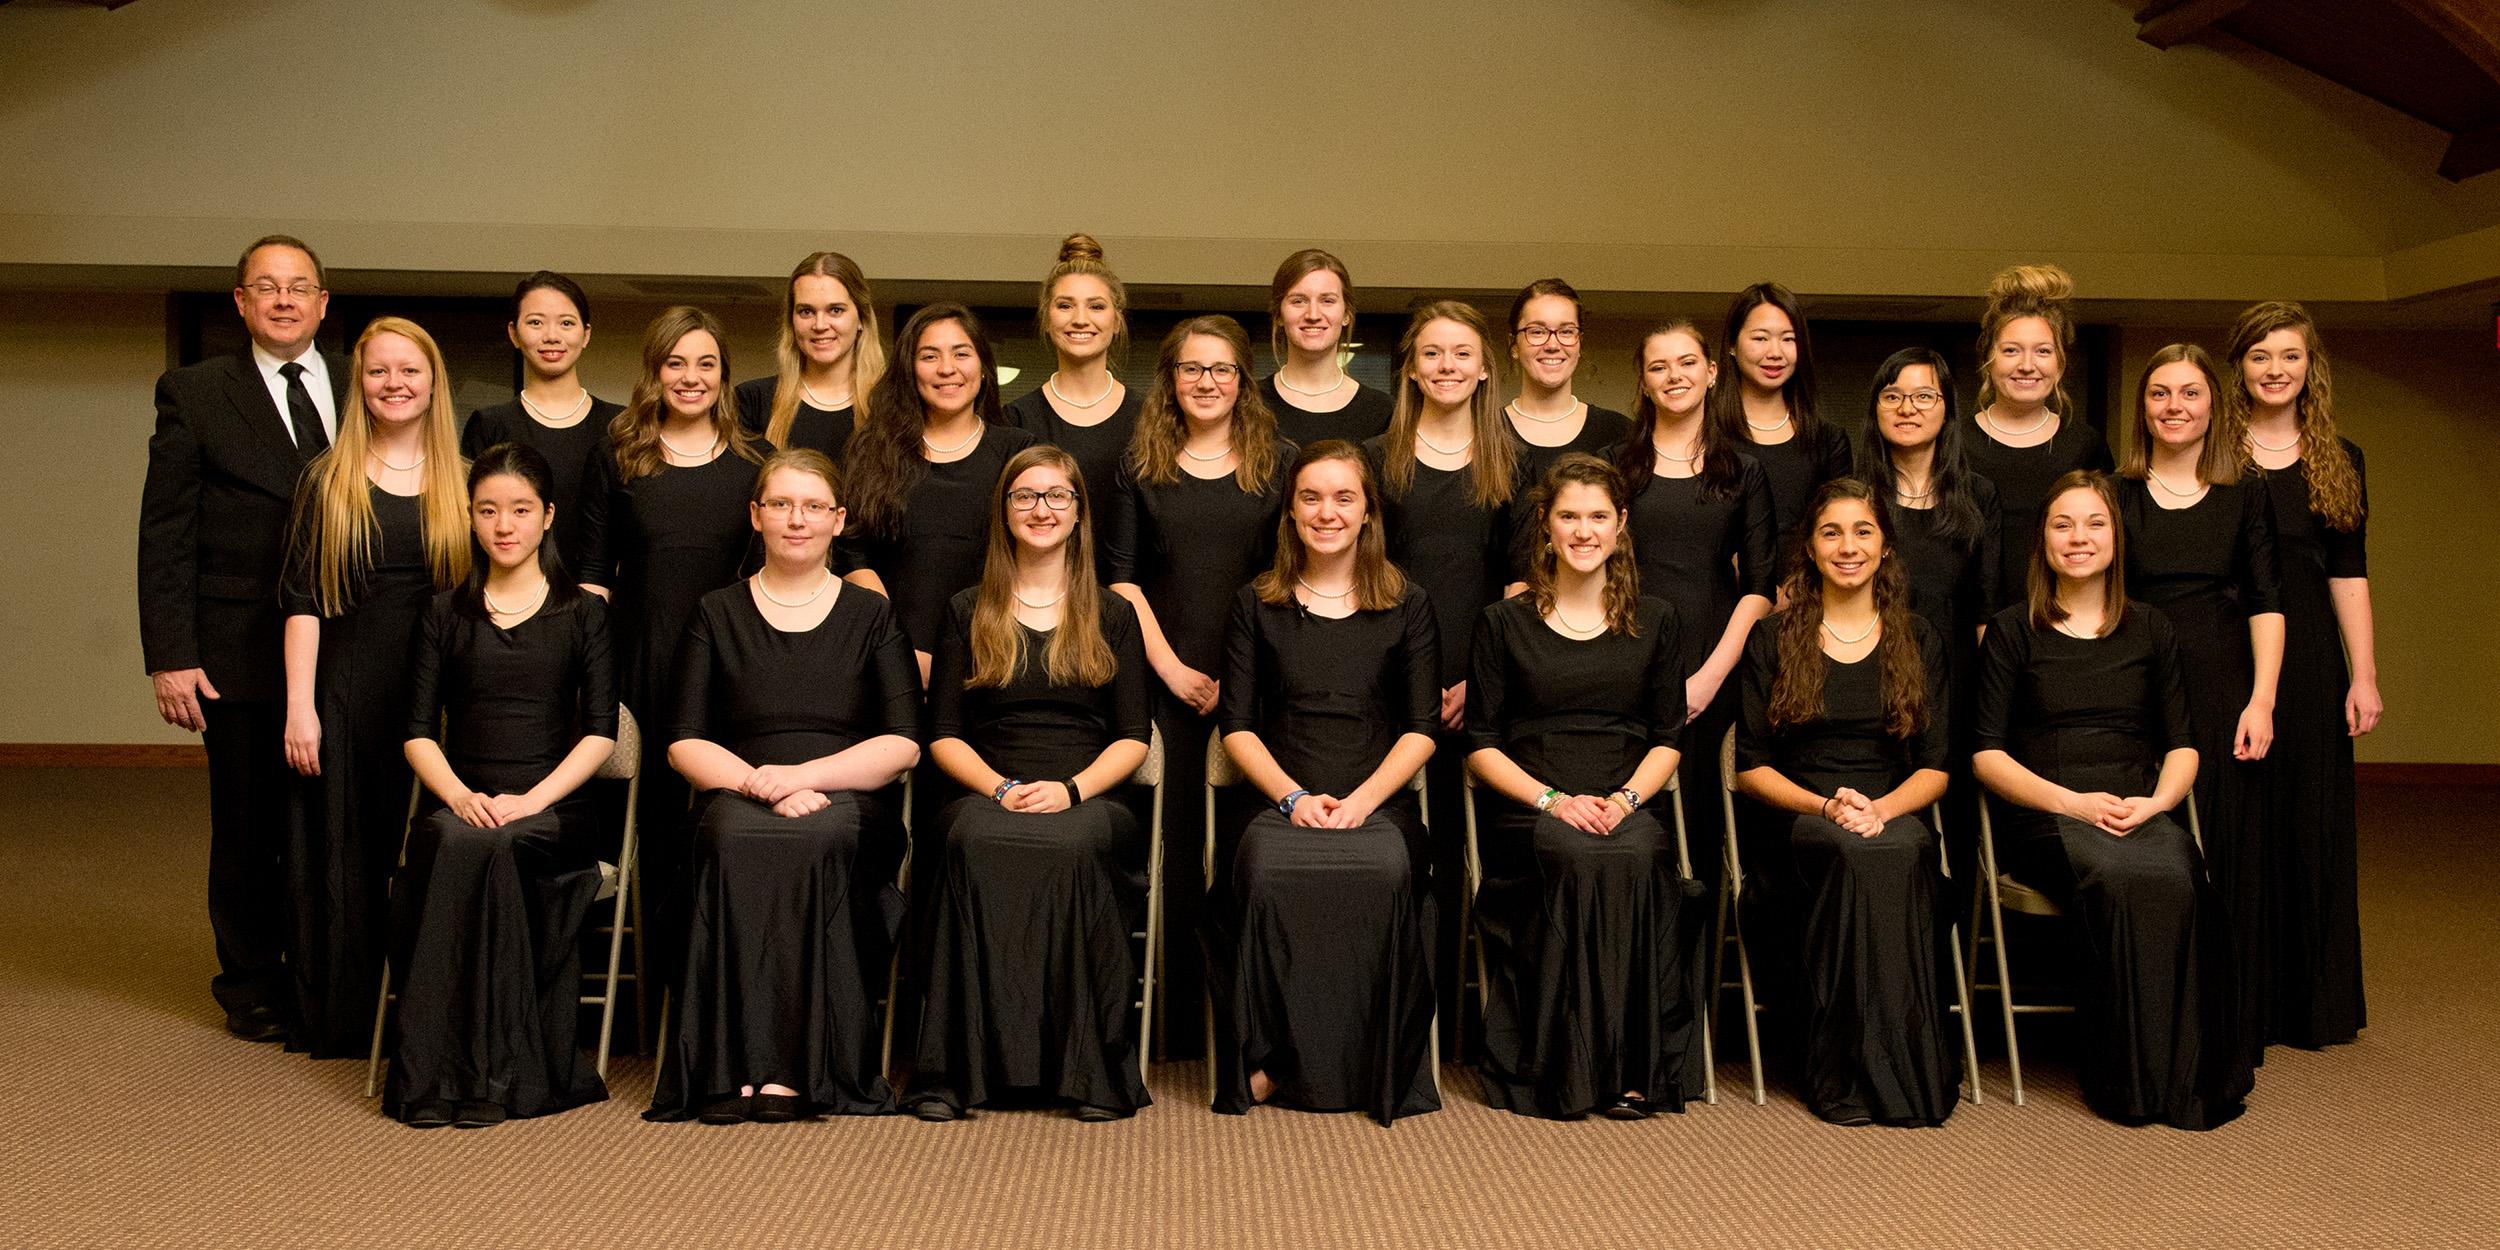 2017-18 Hesston College Women's Chorus